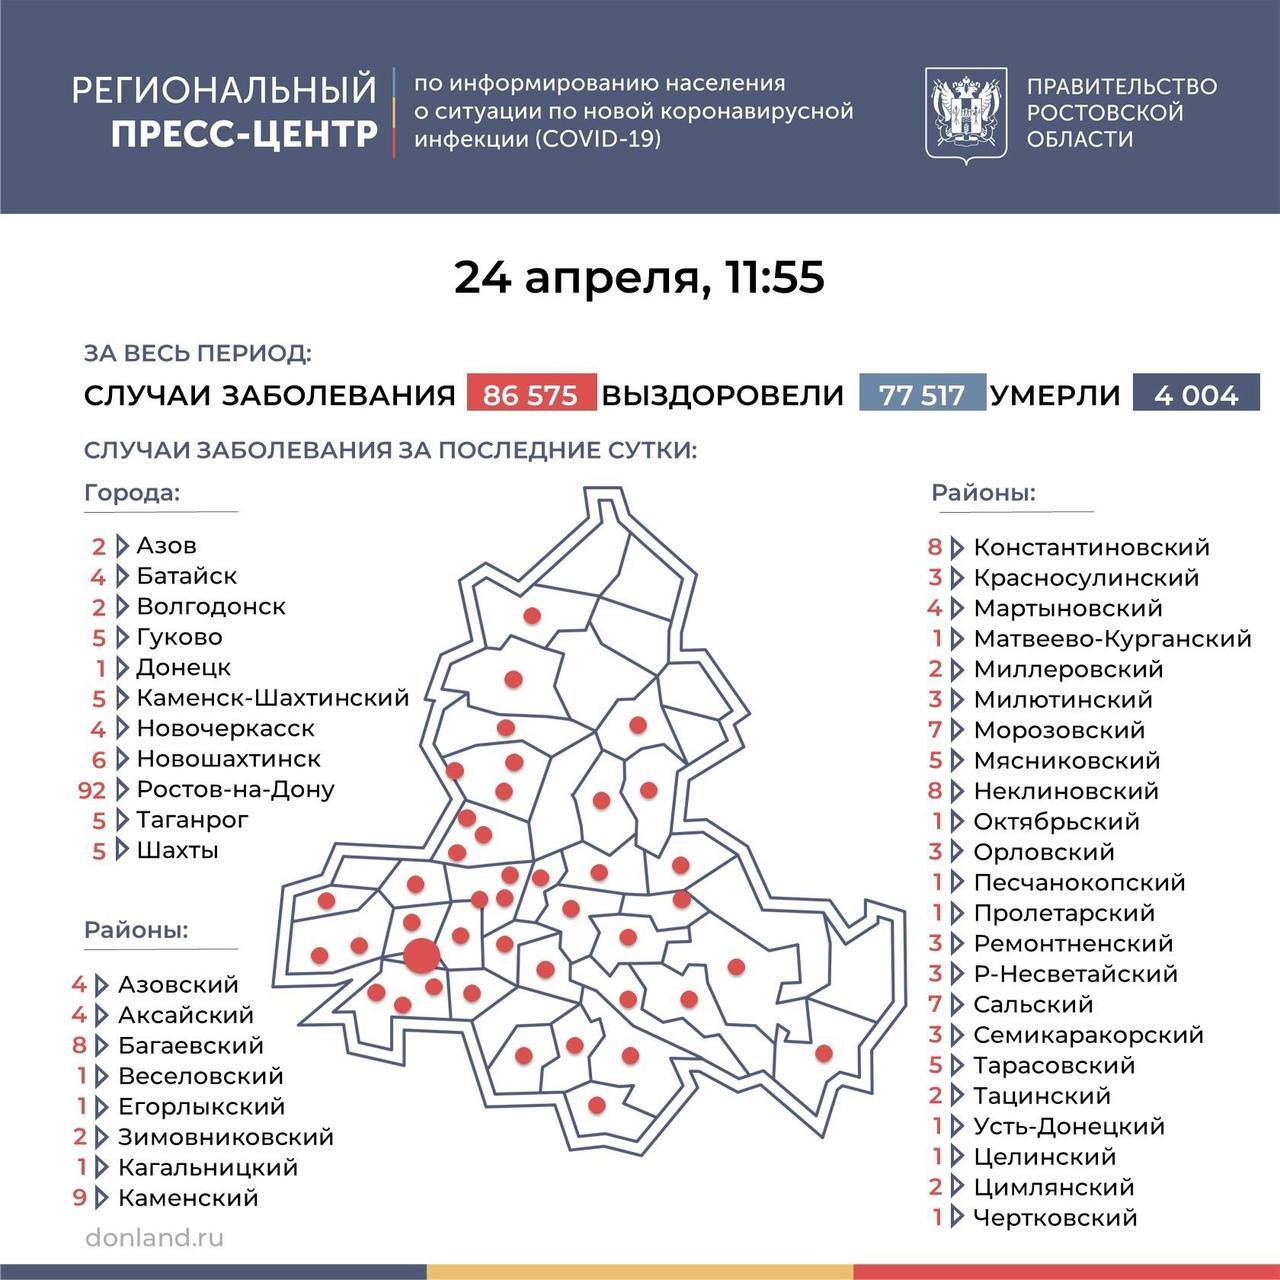 На Дону число инфицированных COVID-19 составляет 236, в Таганроге 5 новых случаев